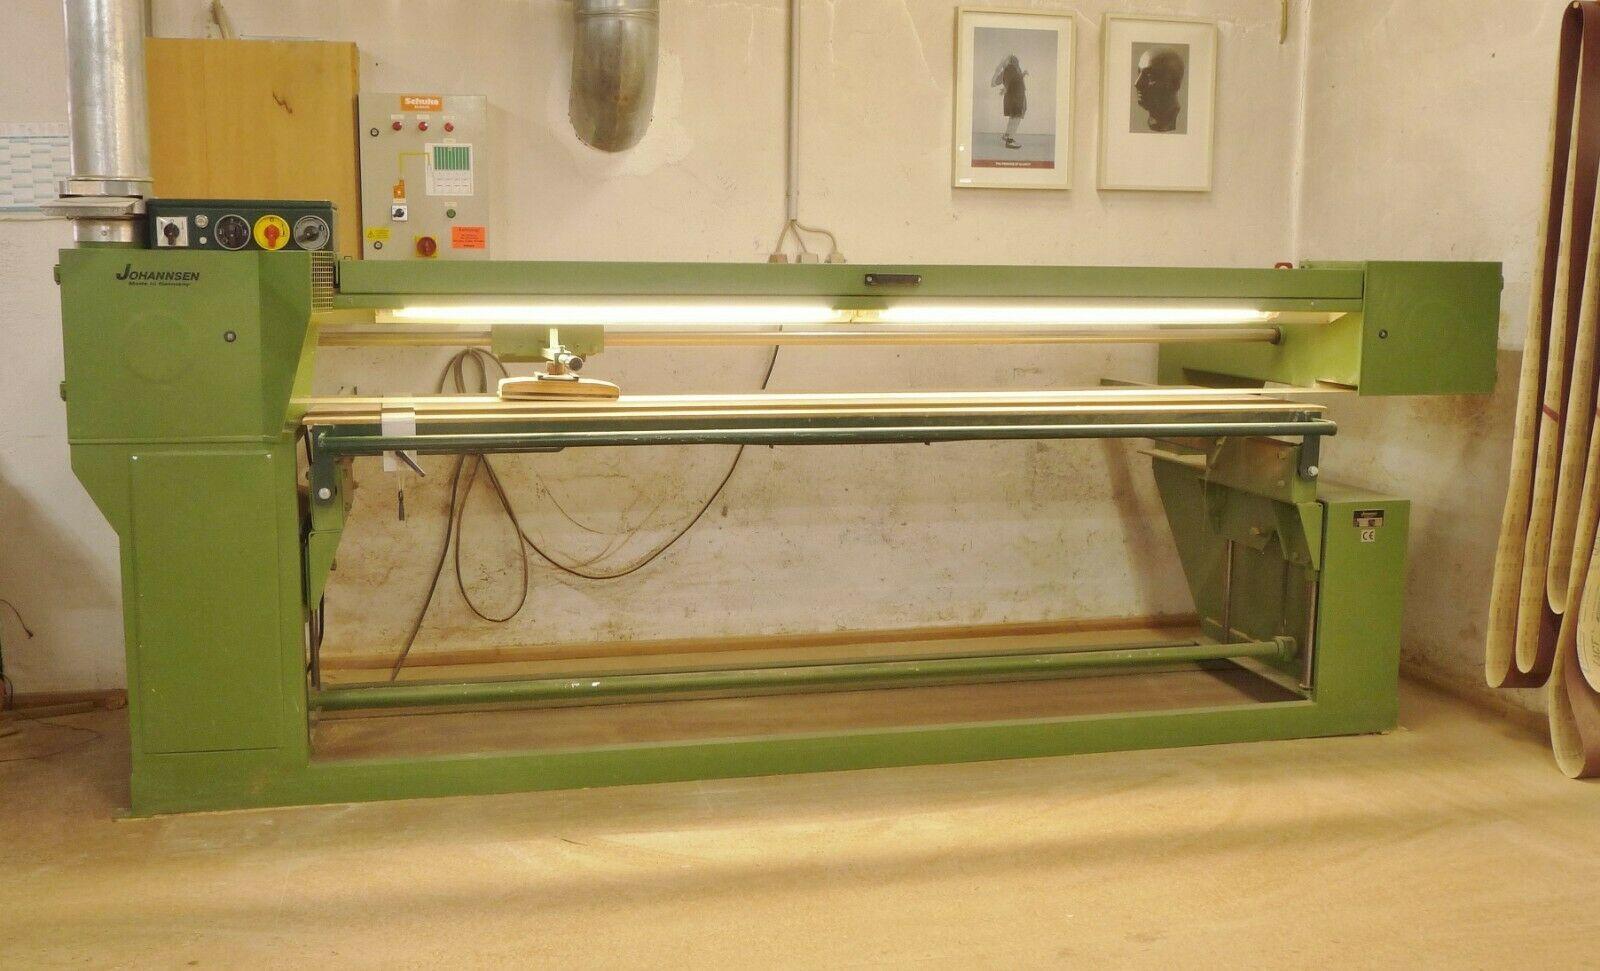 Langbandschleifmaschine Johannsen Bj. 1996